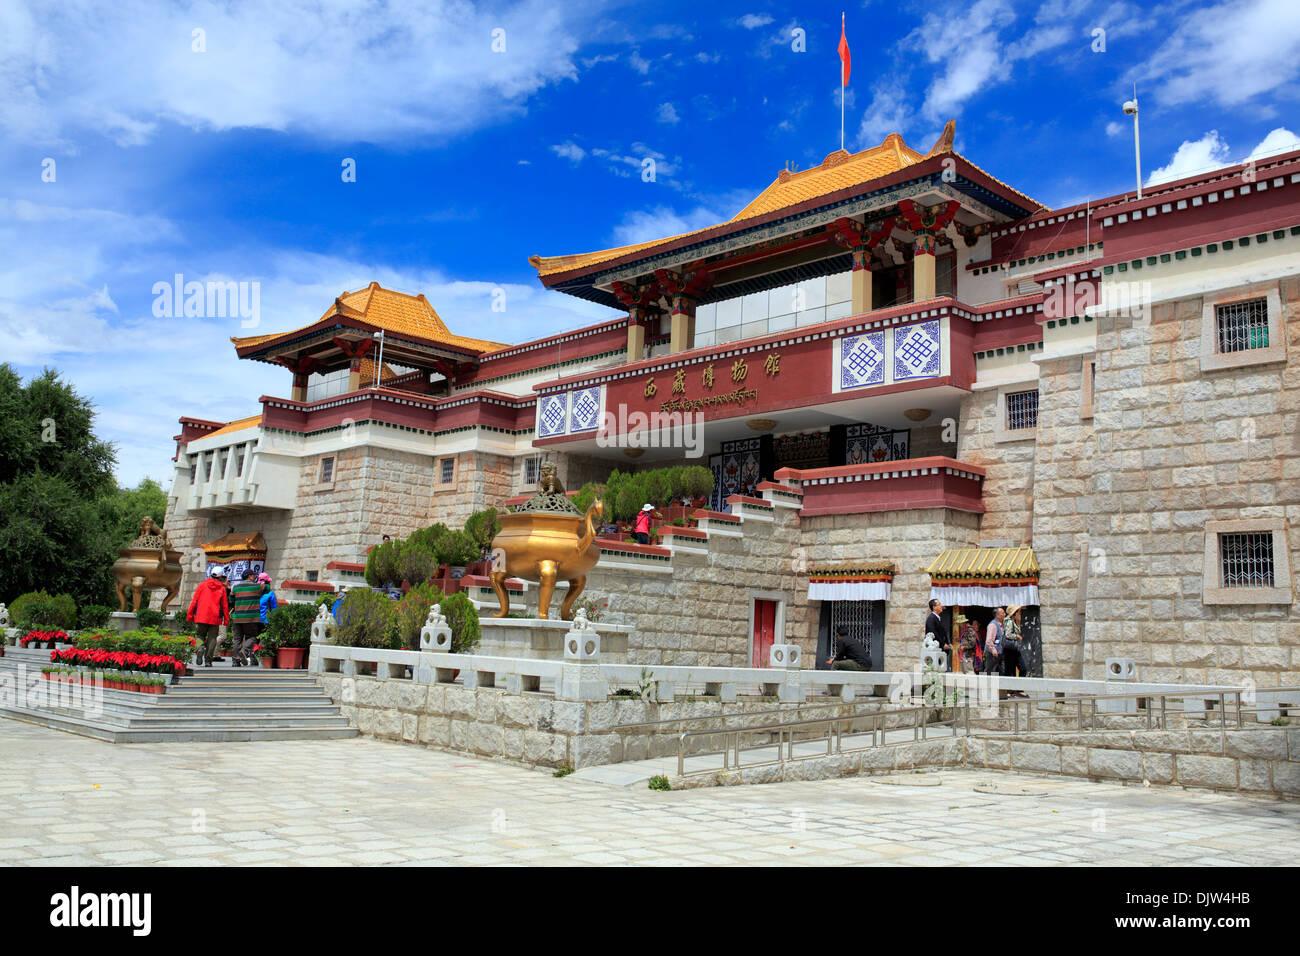 Tibetan museum, Lhasa, Tibet, China - Stock Image